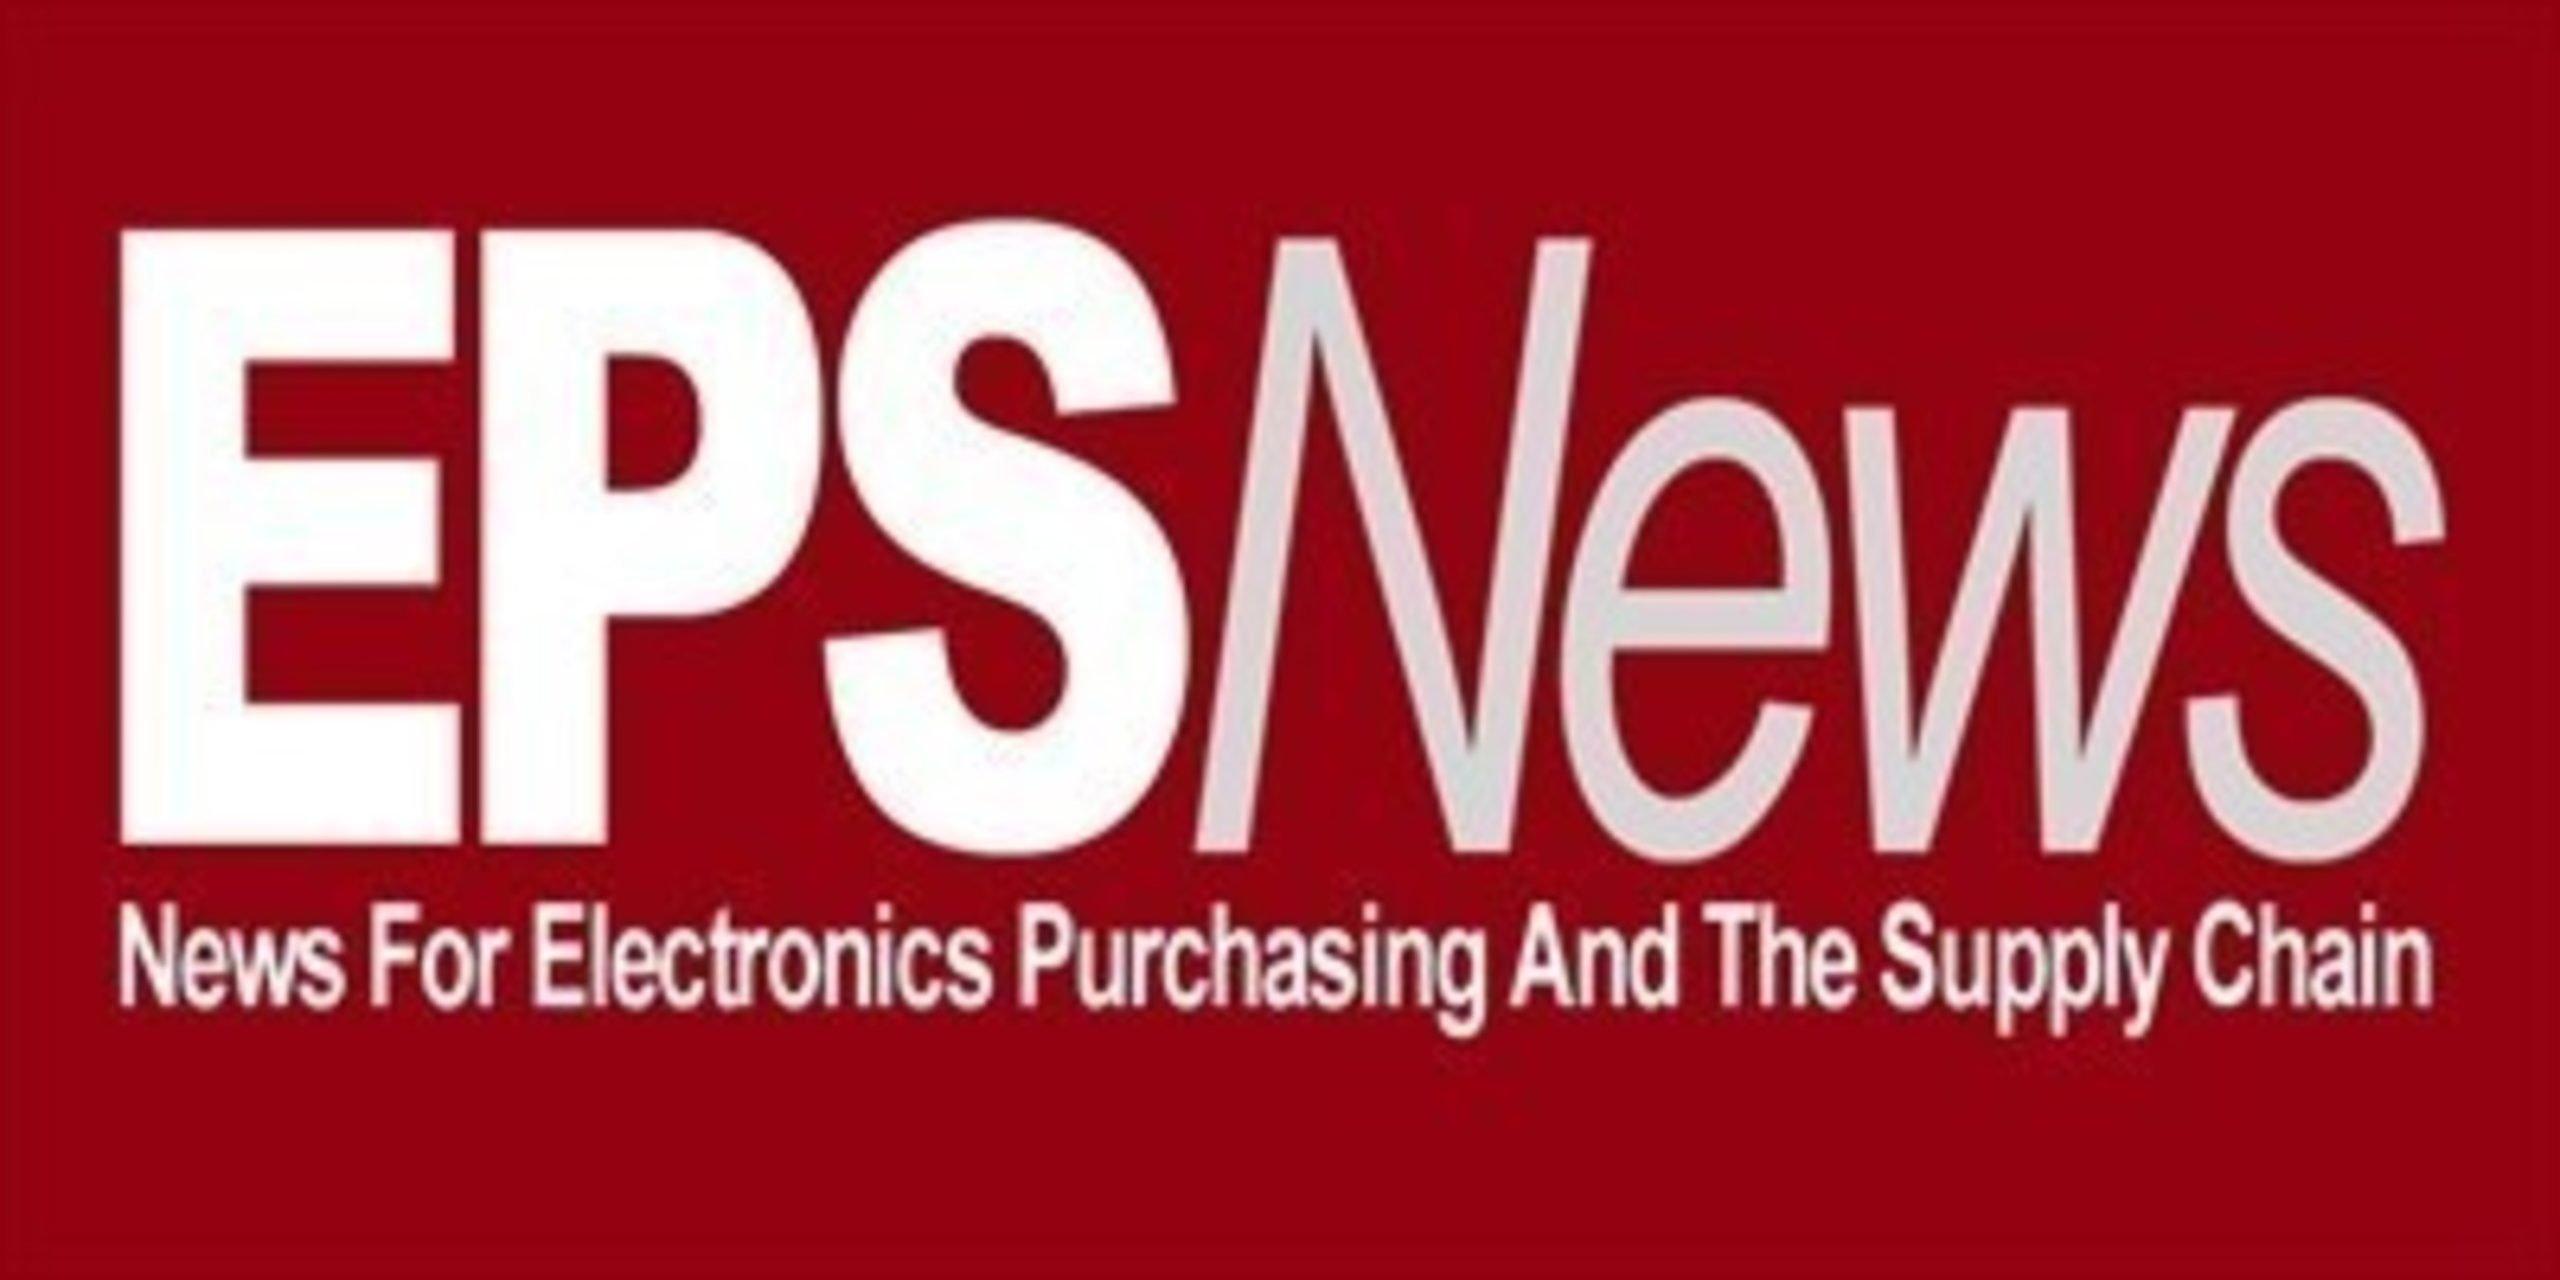 eps-news-final-400-x-200 Logo